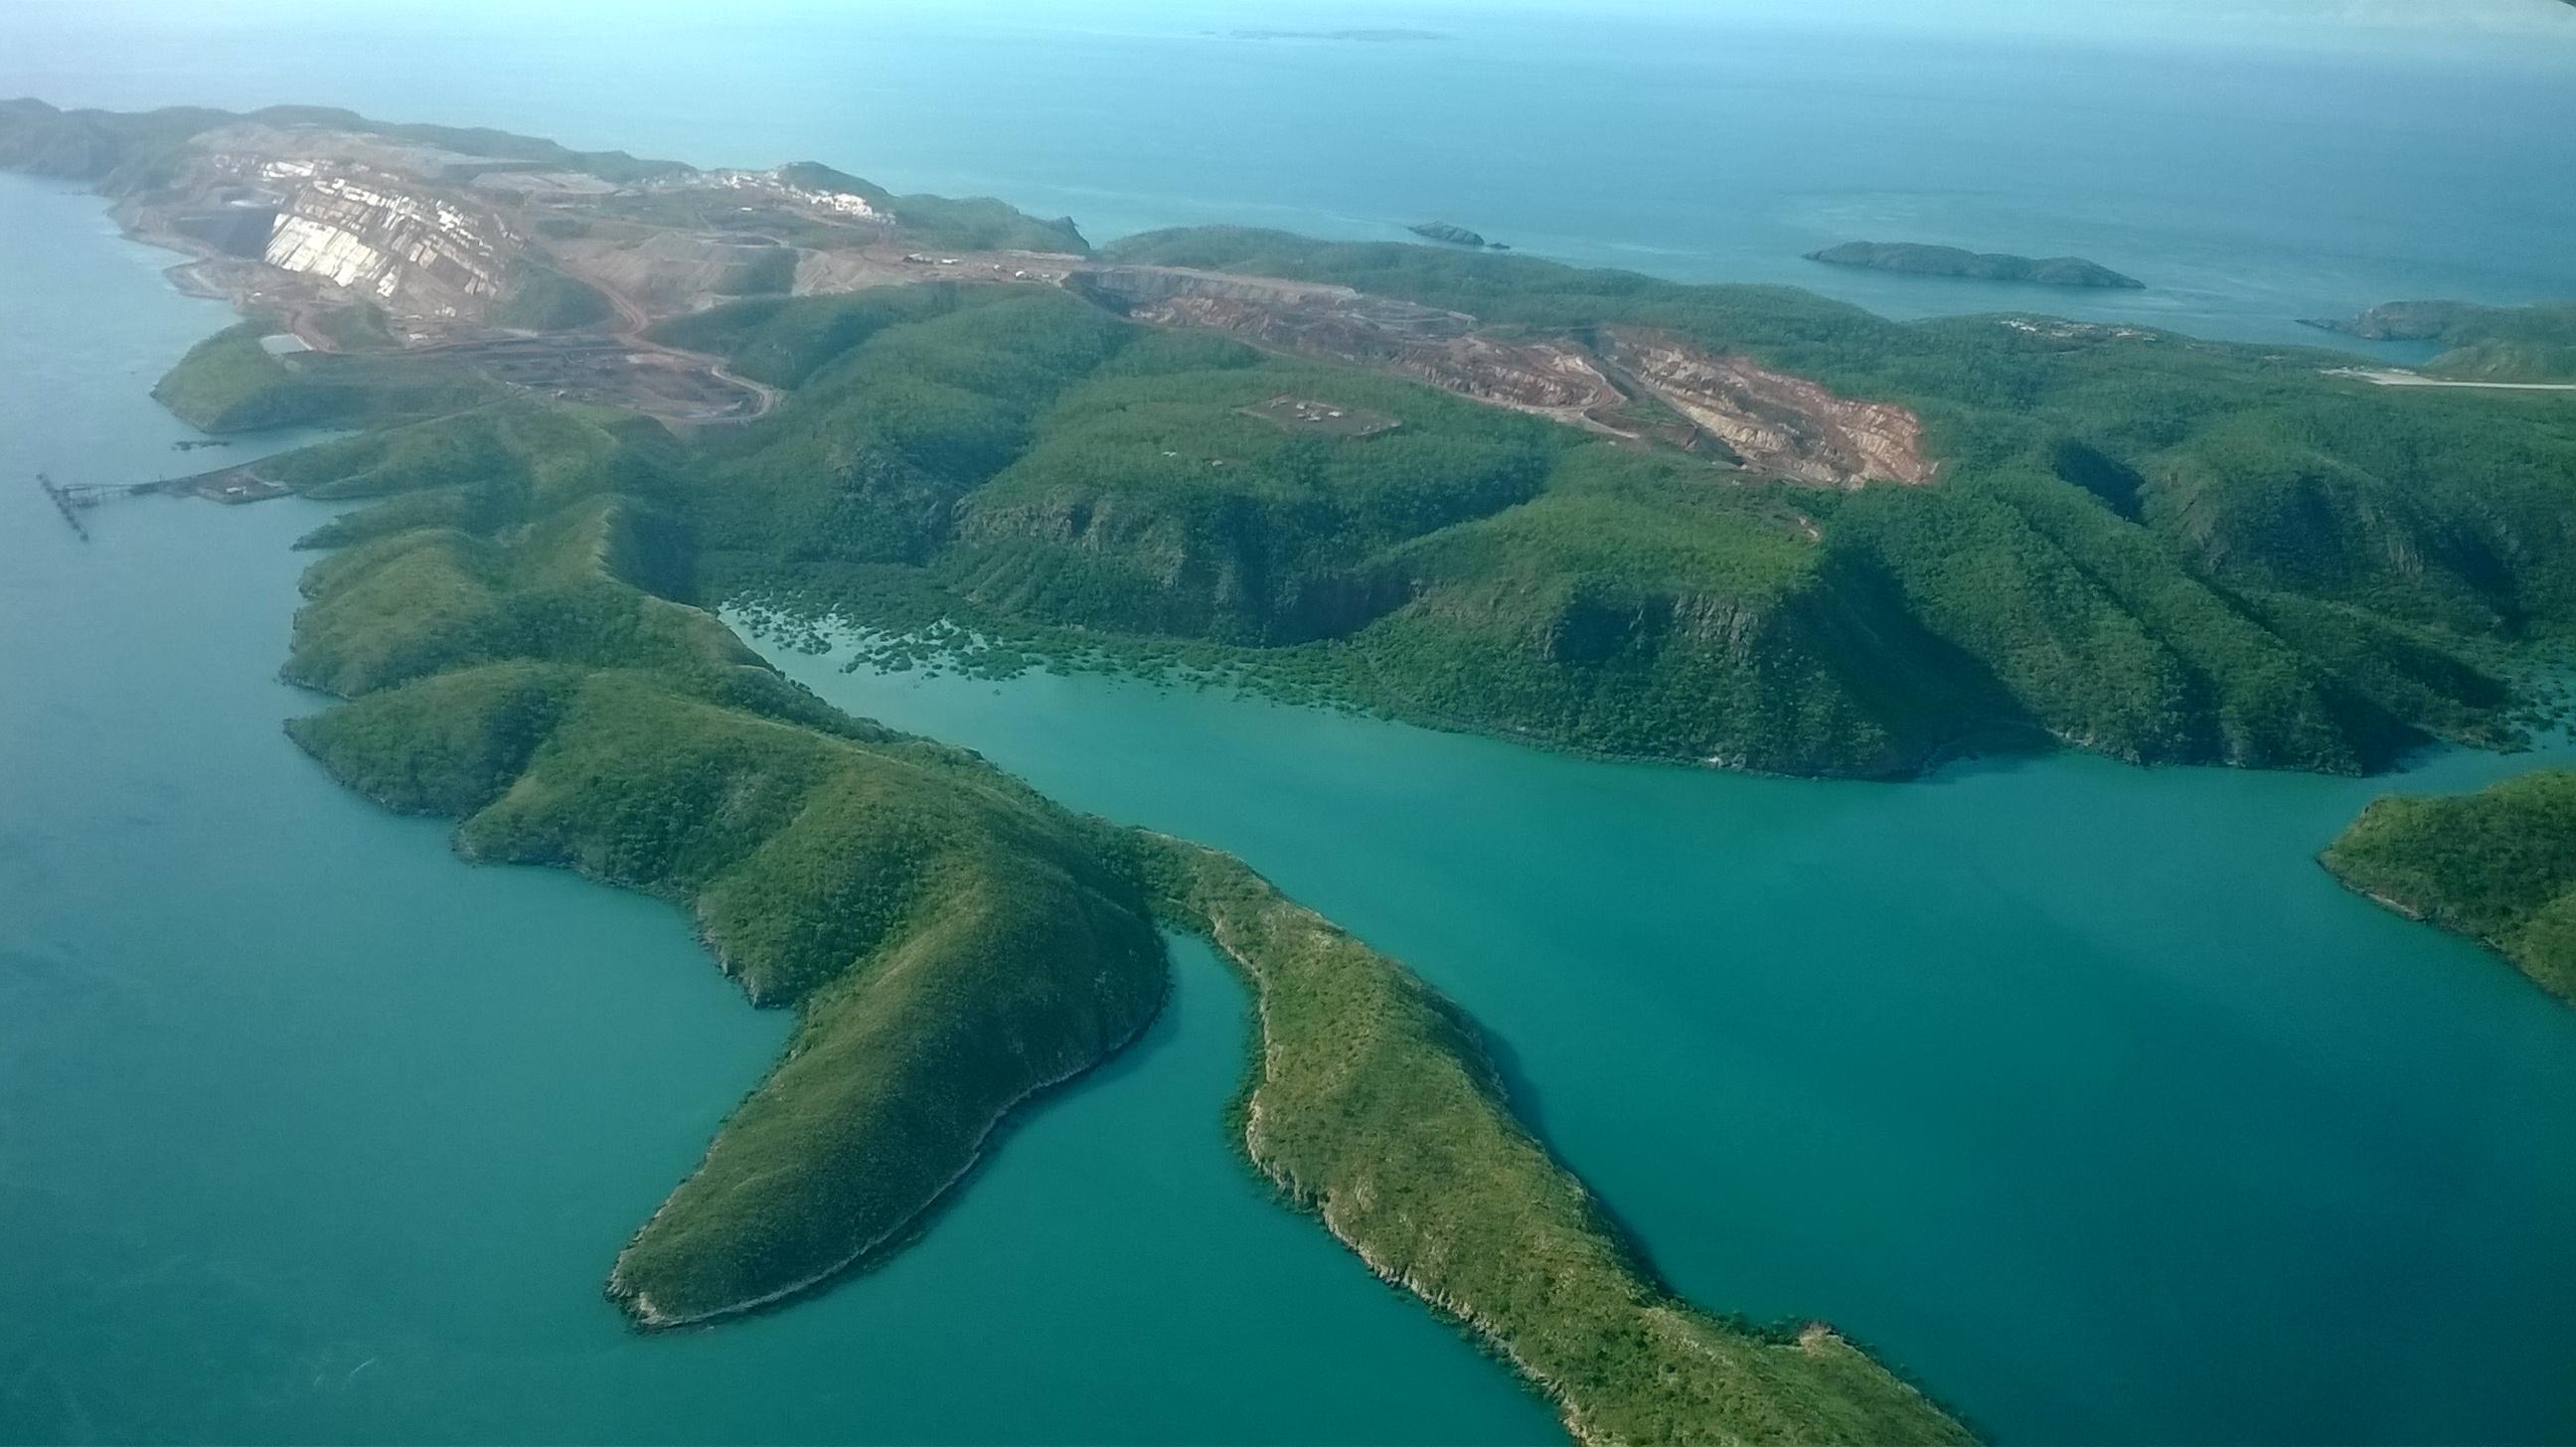 koolan-island-aerial-photo